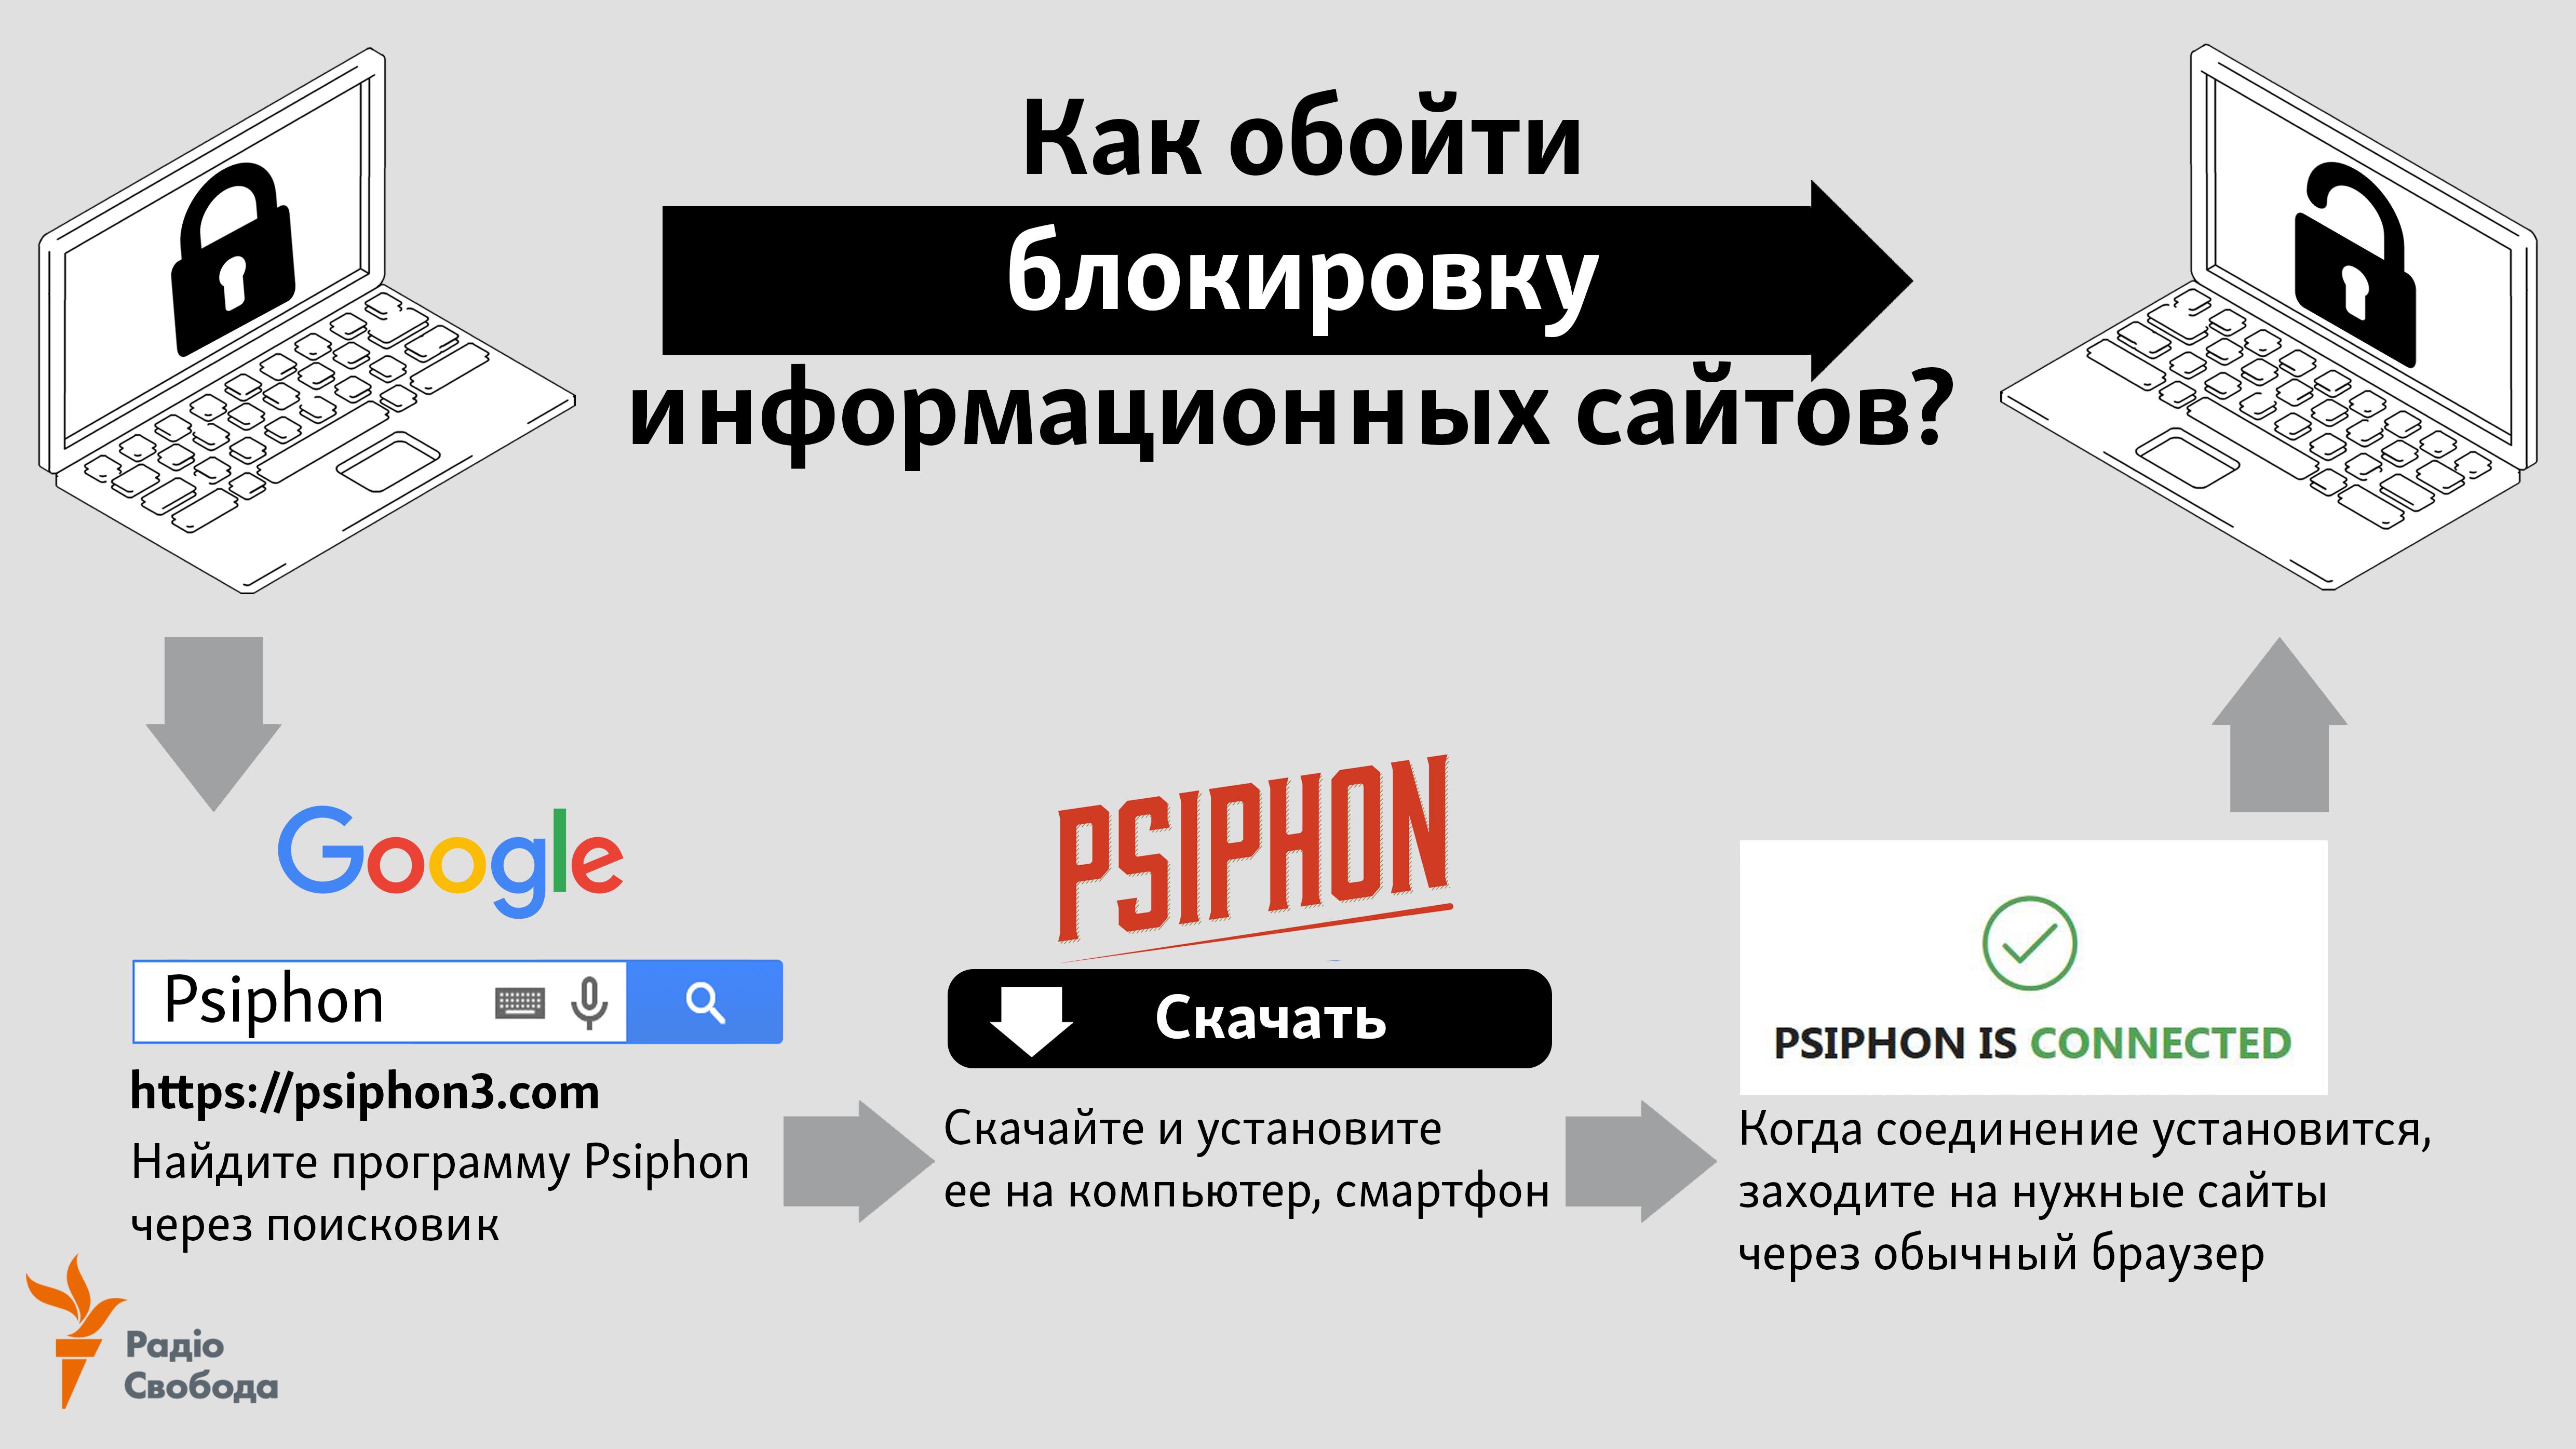 Как обойти блокировку информационных сайтов. Инструкция